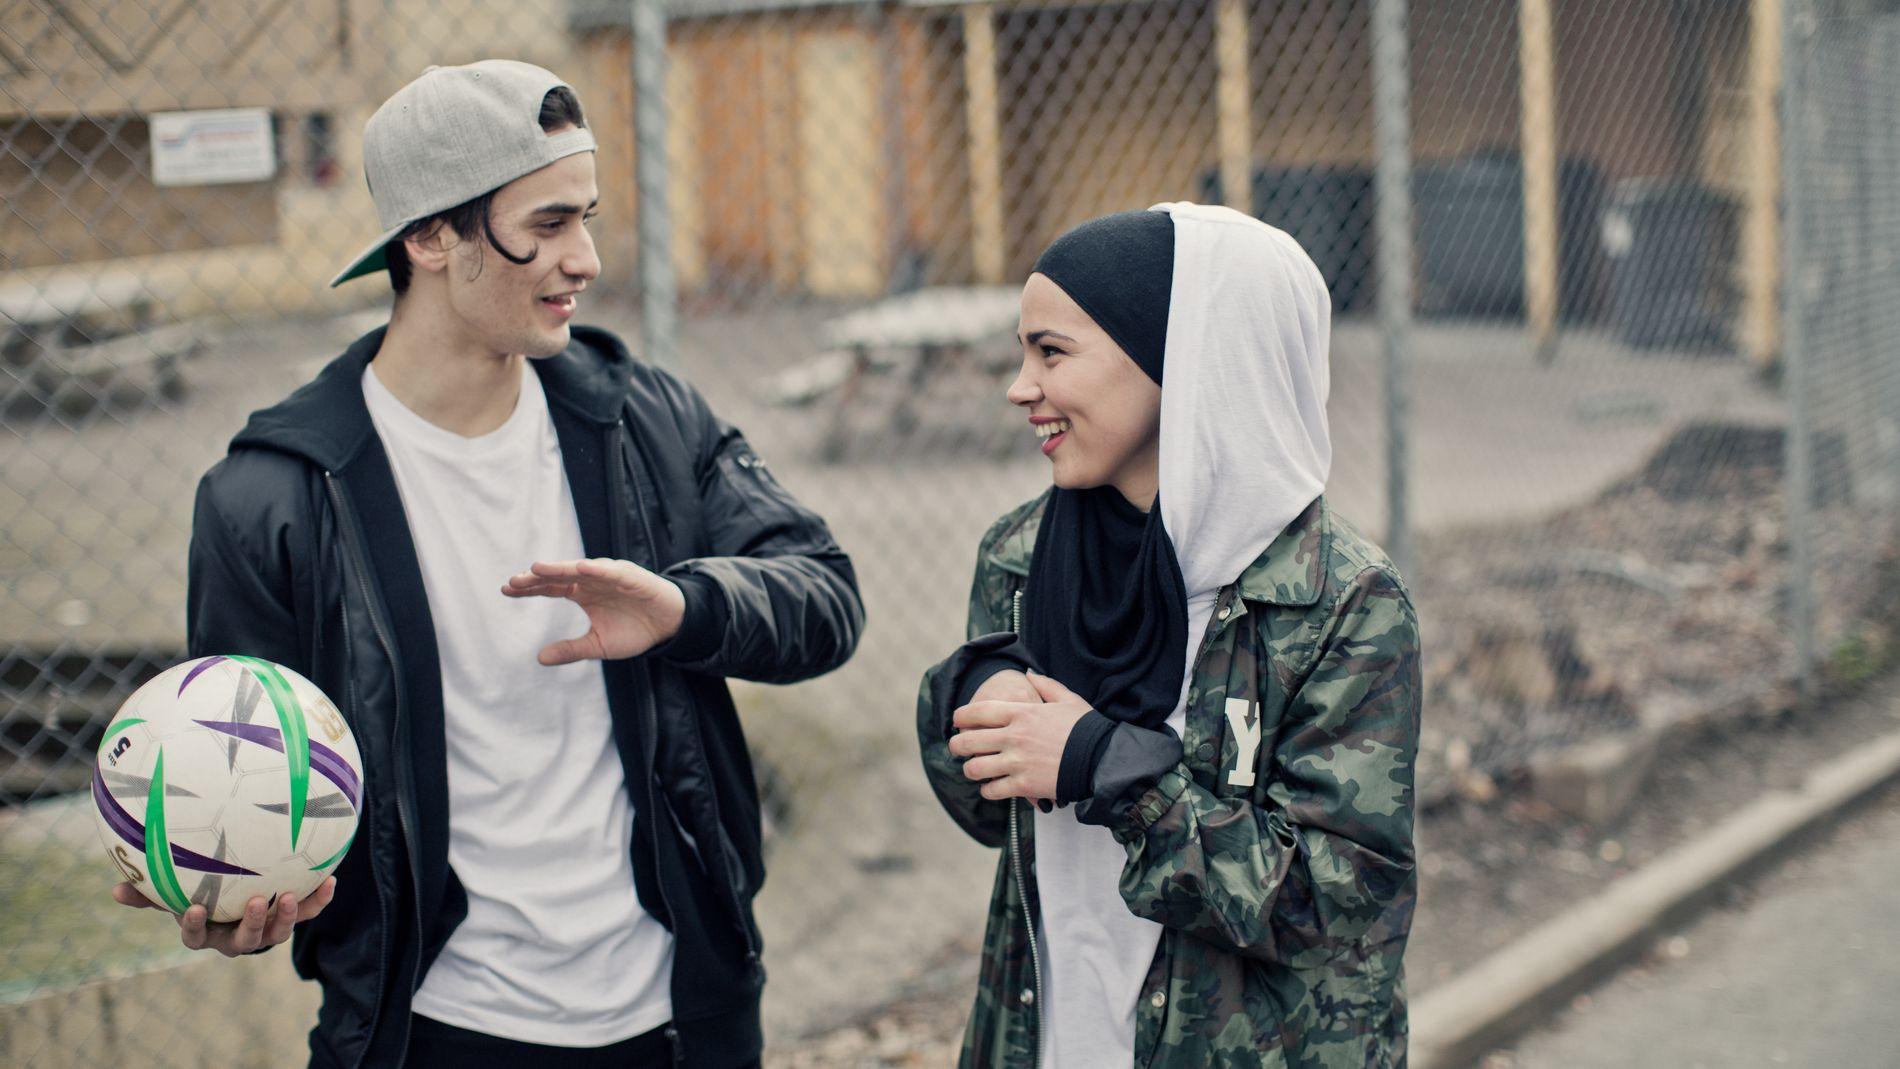 EN BRAKSUKSESS: NRK-serien «Skam ble enn stor suksess på TV-skjermen. Blant de som spilte i serien var Cengiz Al og Iman Meskini.